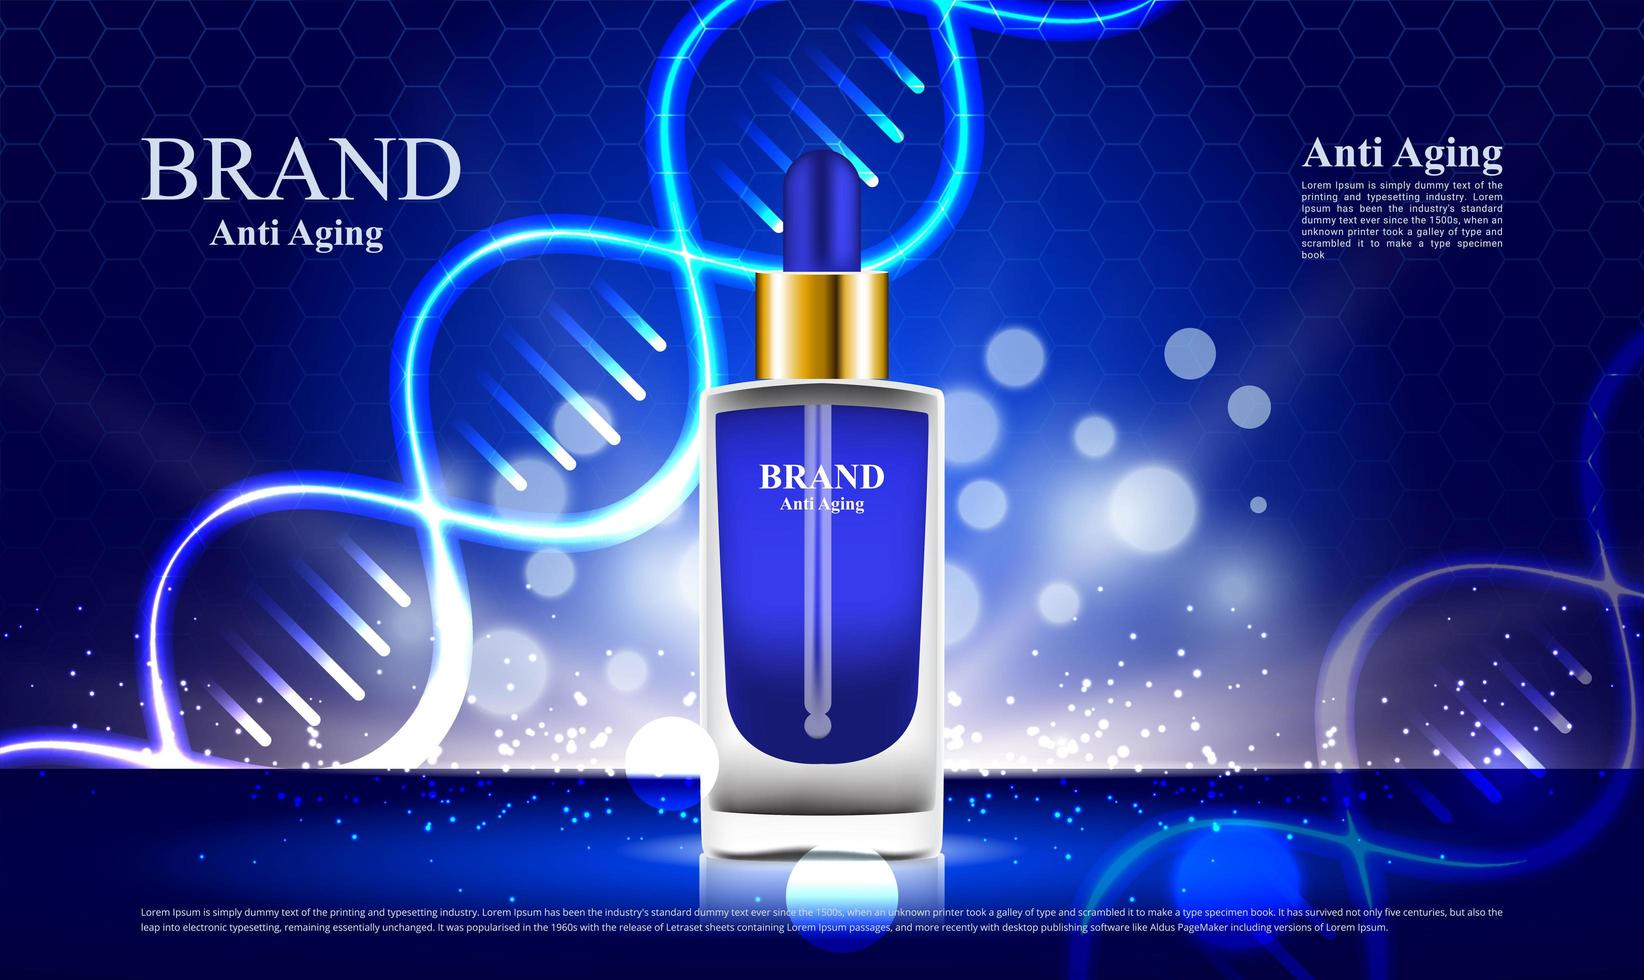 glödande blå kosmetika anti aging annons med dna vektor